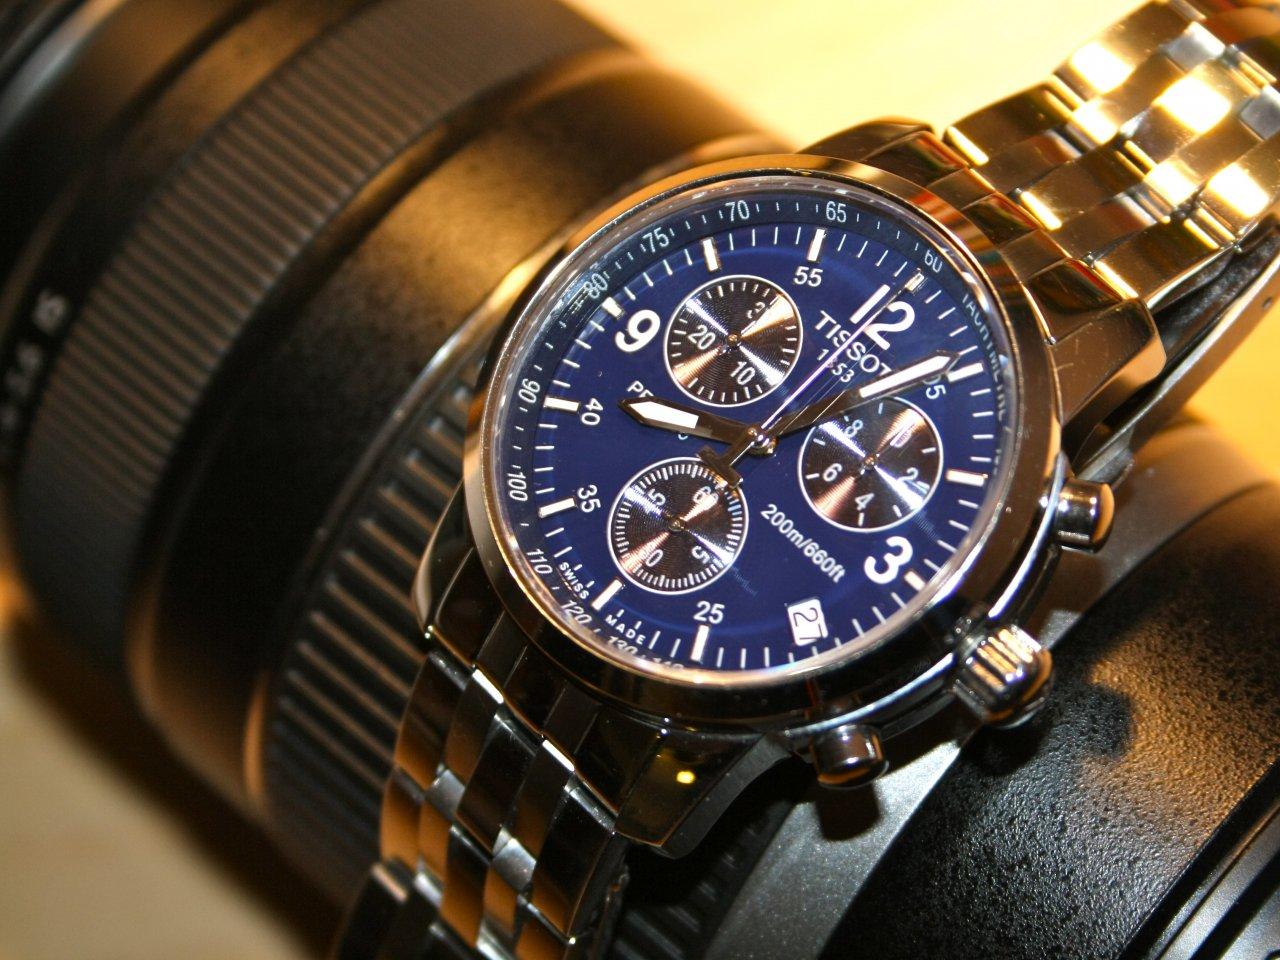 Kinh nghiệm mua đồng hồ Tissot